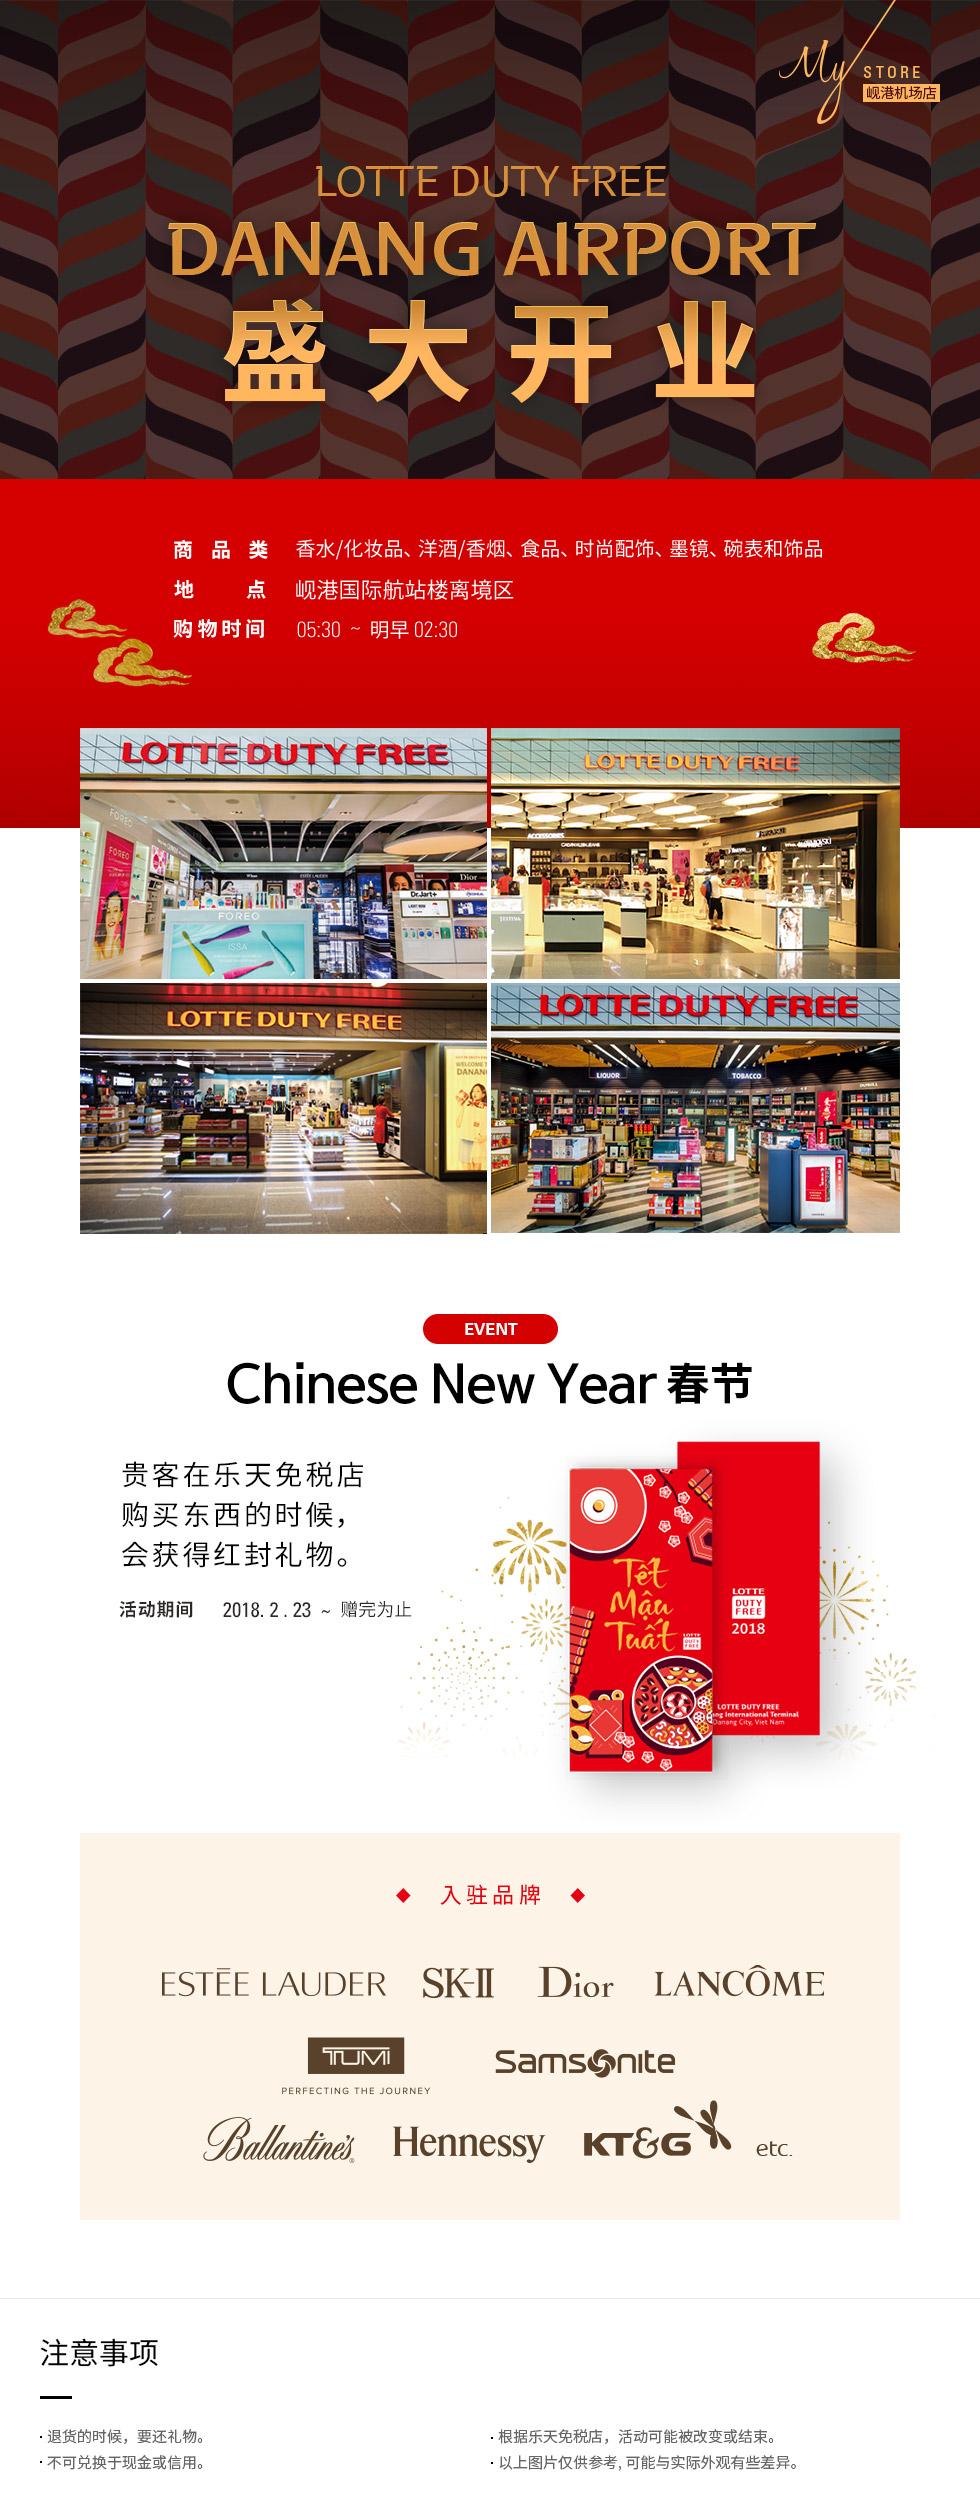 DANANG AIRPORT 盛大开业_春节